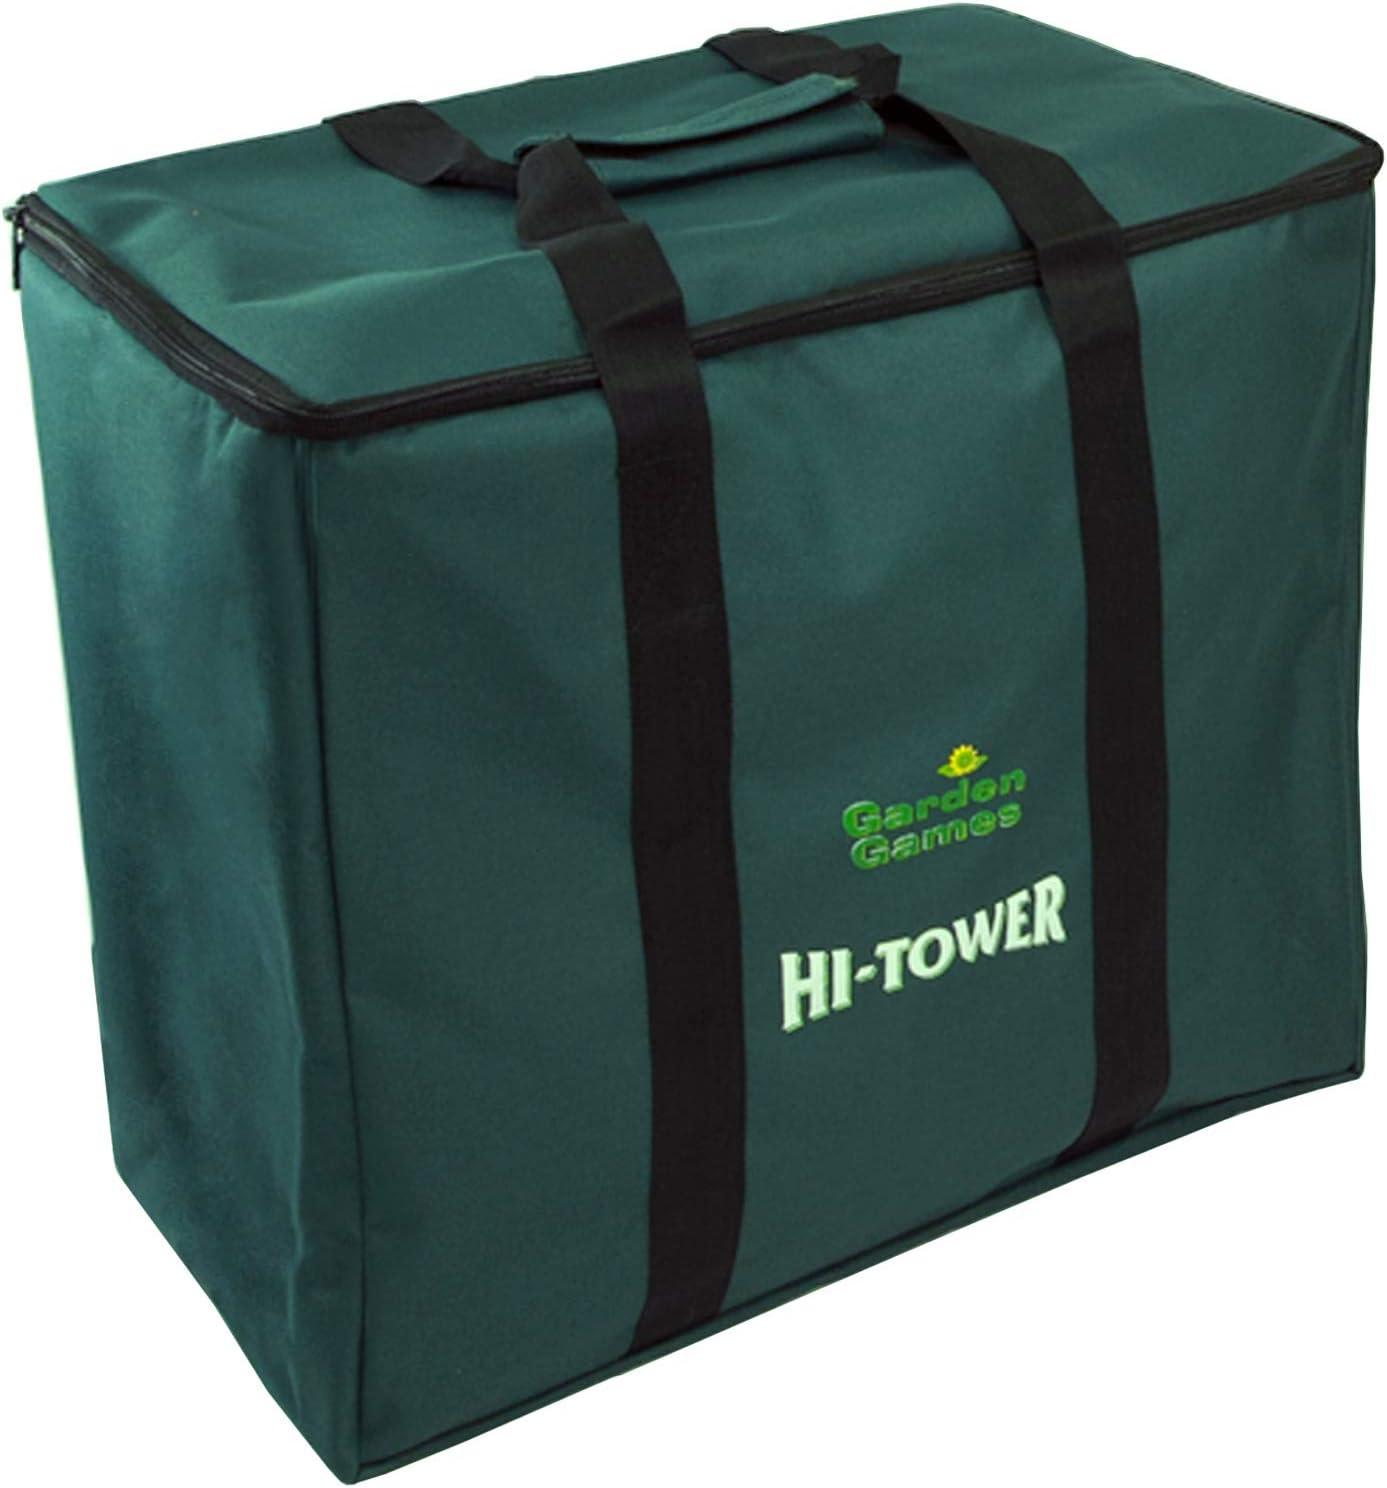 Garden Games 5068 - Bolsa alamacenamiento para el juego Hi-Tower: Amazon.es: Juguetes y juegos